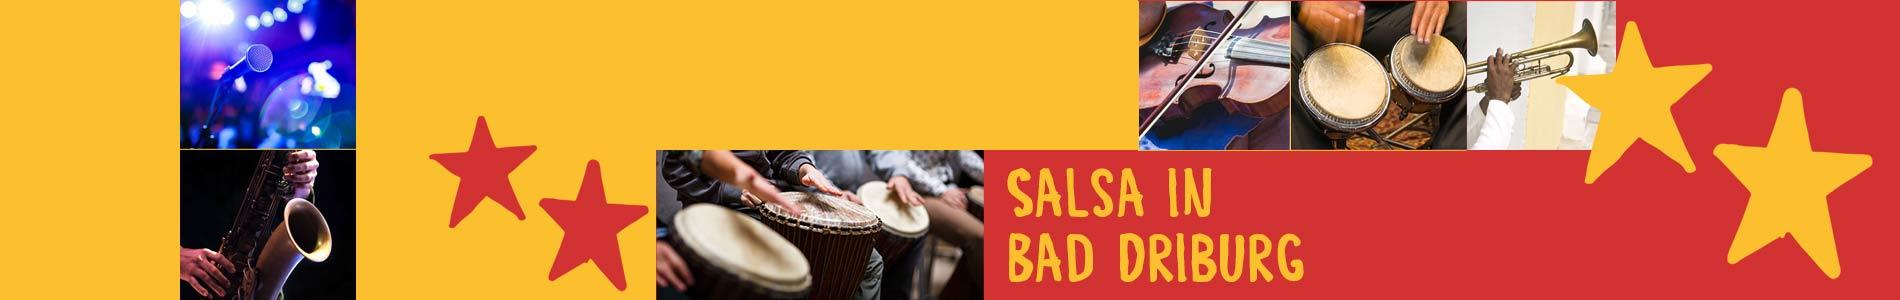 Salsa in Bad Driburg – Salsa lernen und tanzen, Tanzkurse, Partys, Veranstaltungen